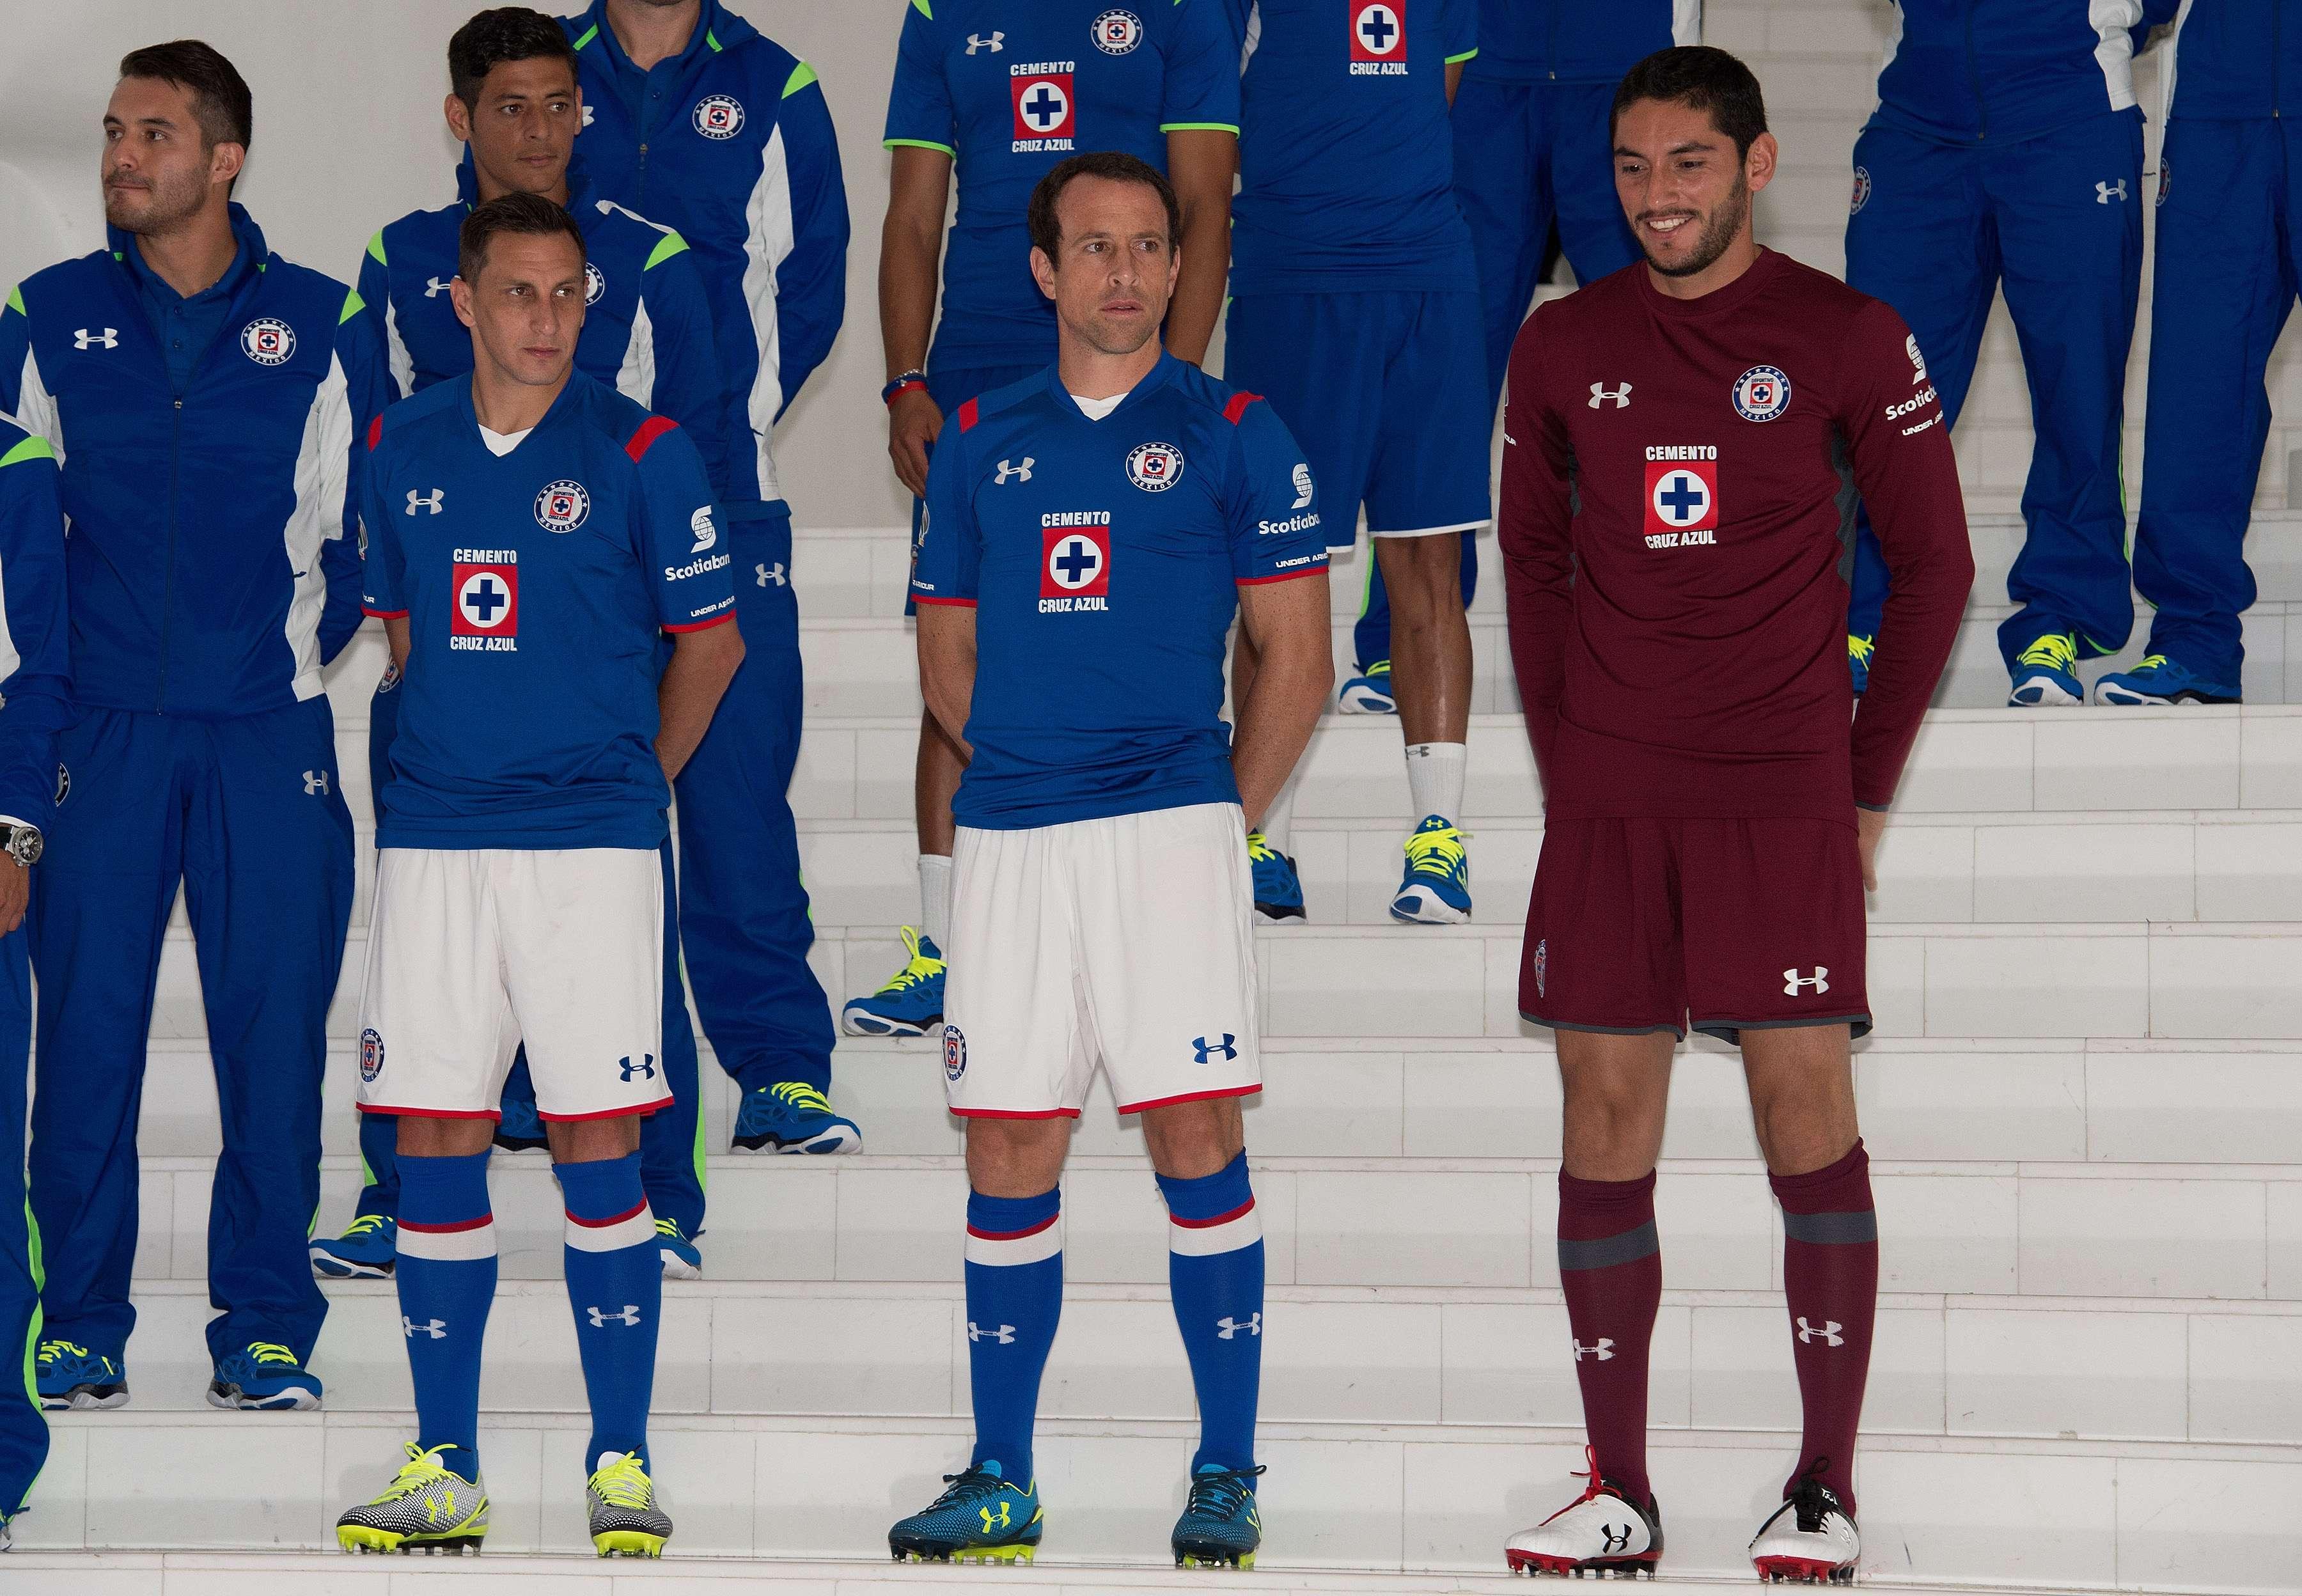 Cruz Azul estrenó marca el 15 de julio de 2014 y ahora tendrá un nuevo uniforme para el Mundial de Clubes. Foto: Mexsport